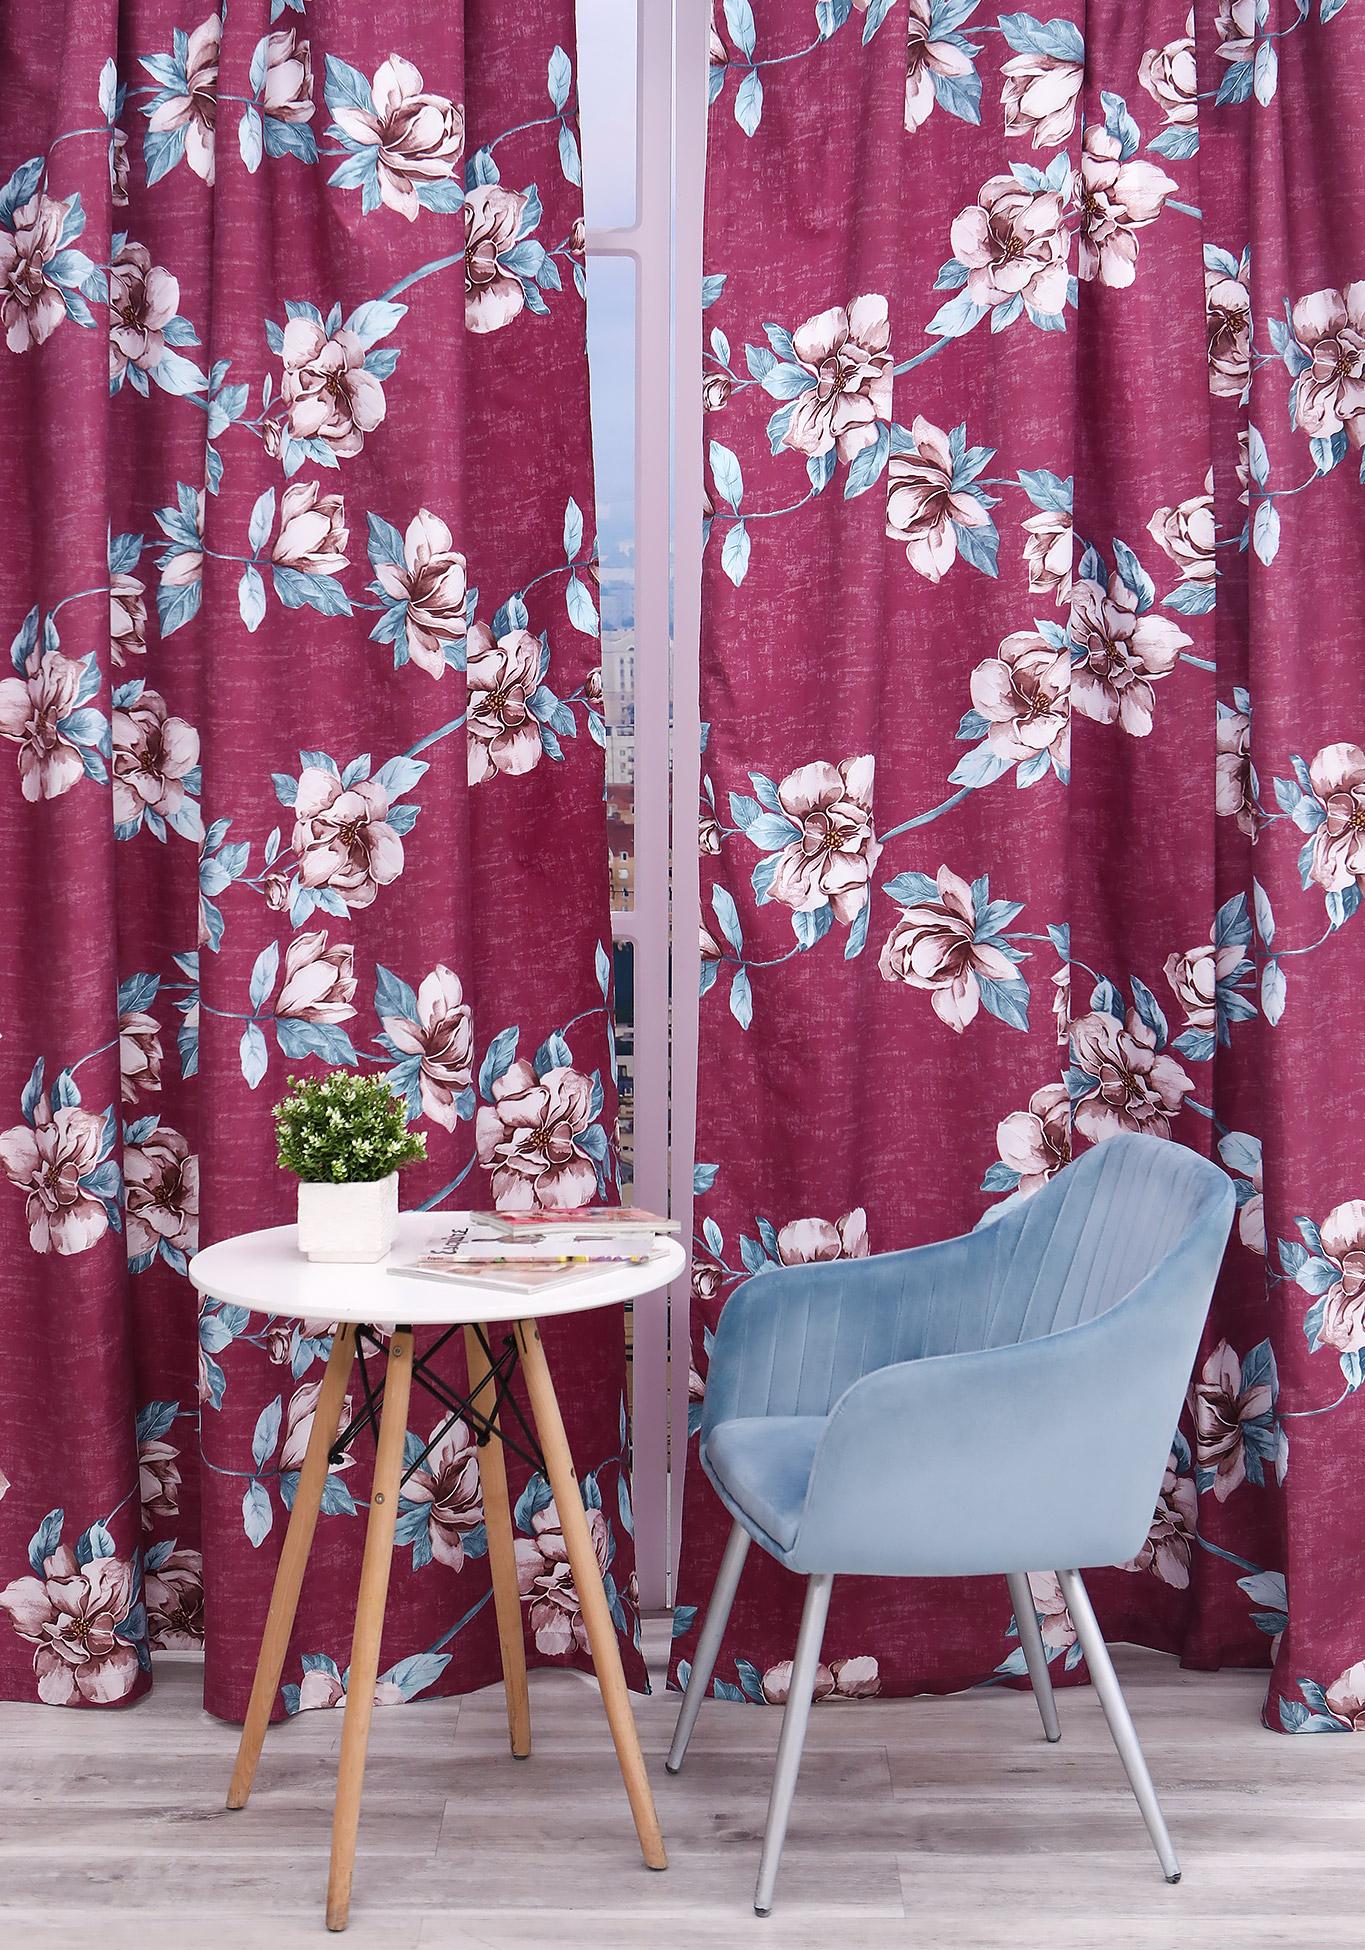 Комплект портьер Цветочный каприз комплект портьер цветочный каприз